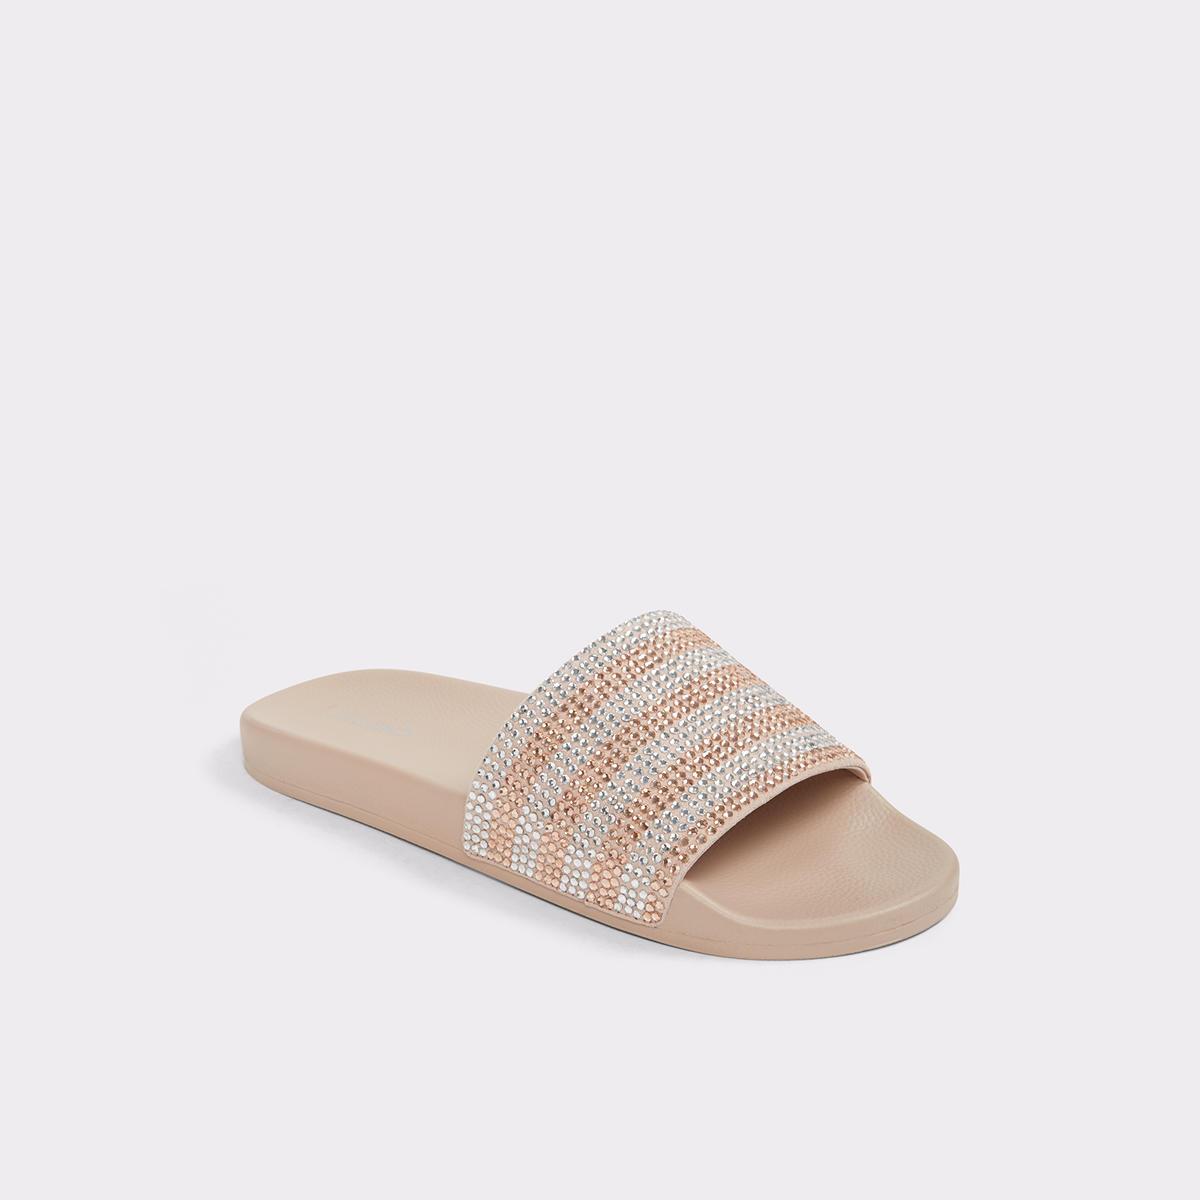 9aef21834ff Gloari Metallic Misc. Women s Sandals